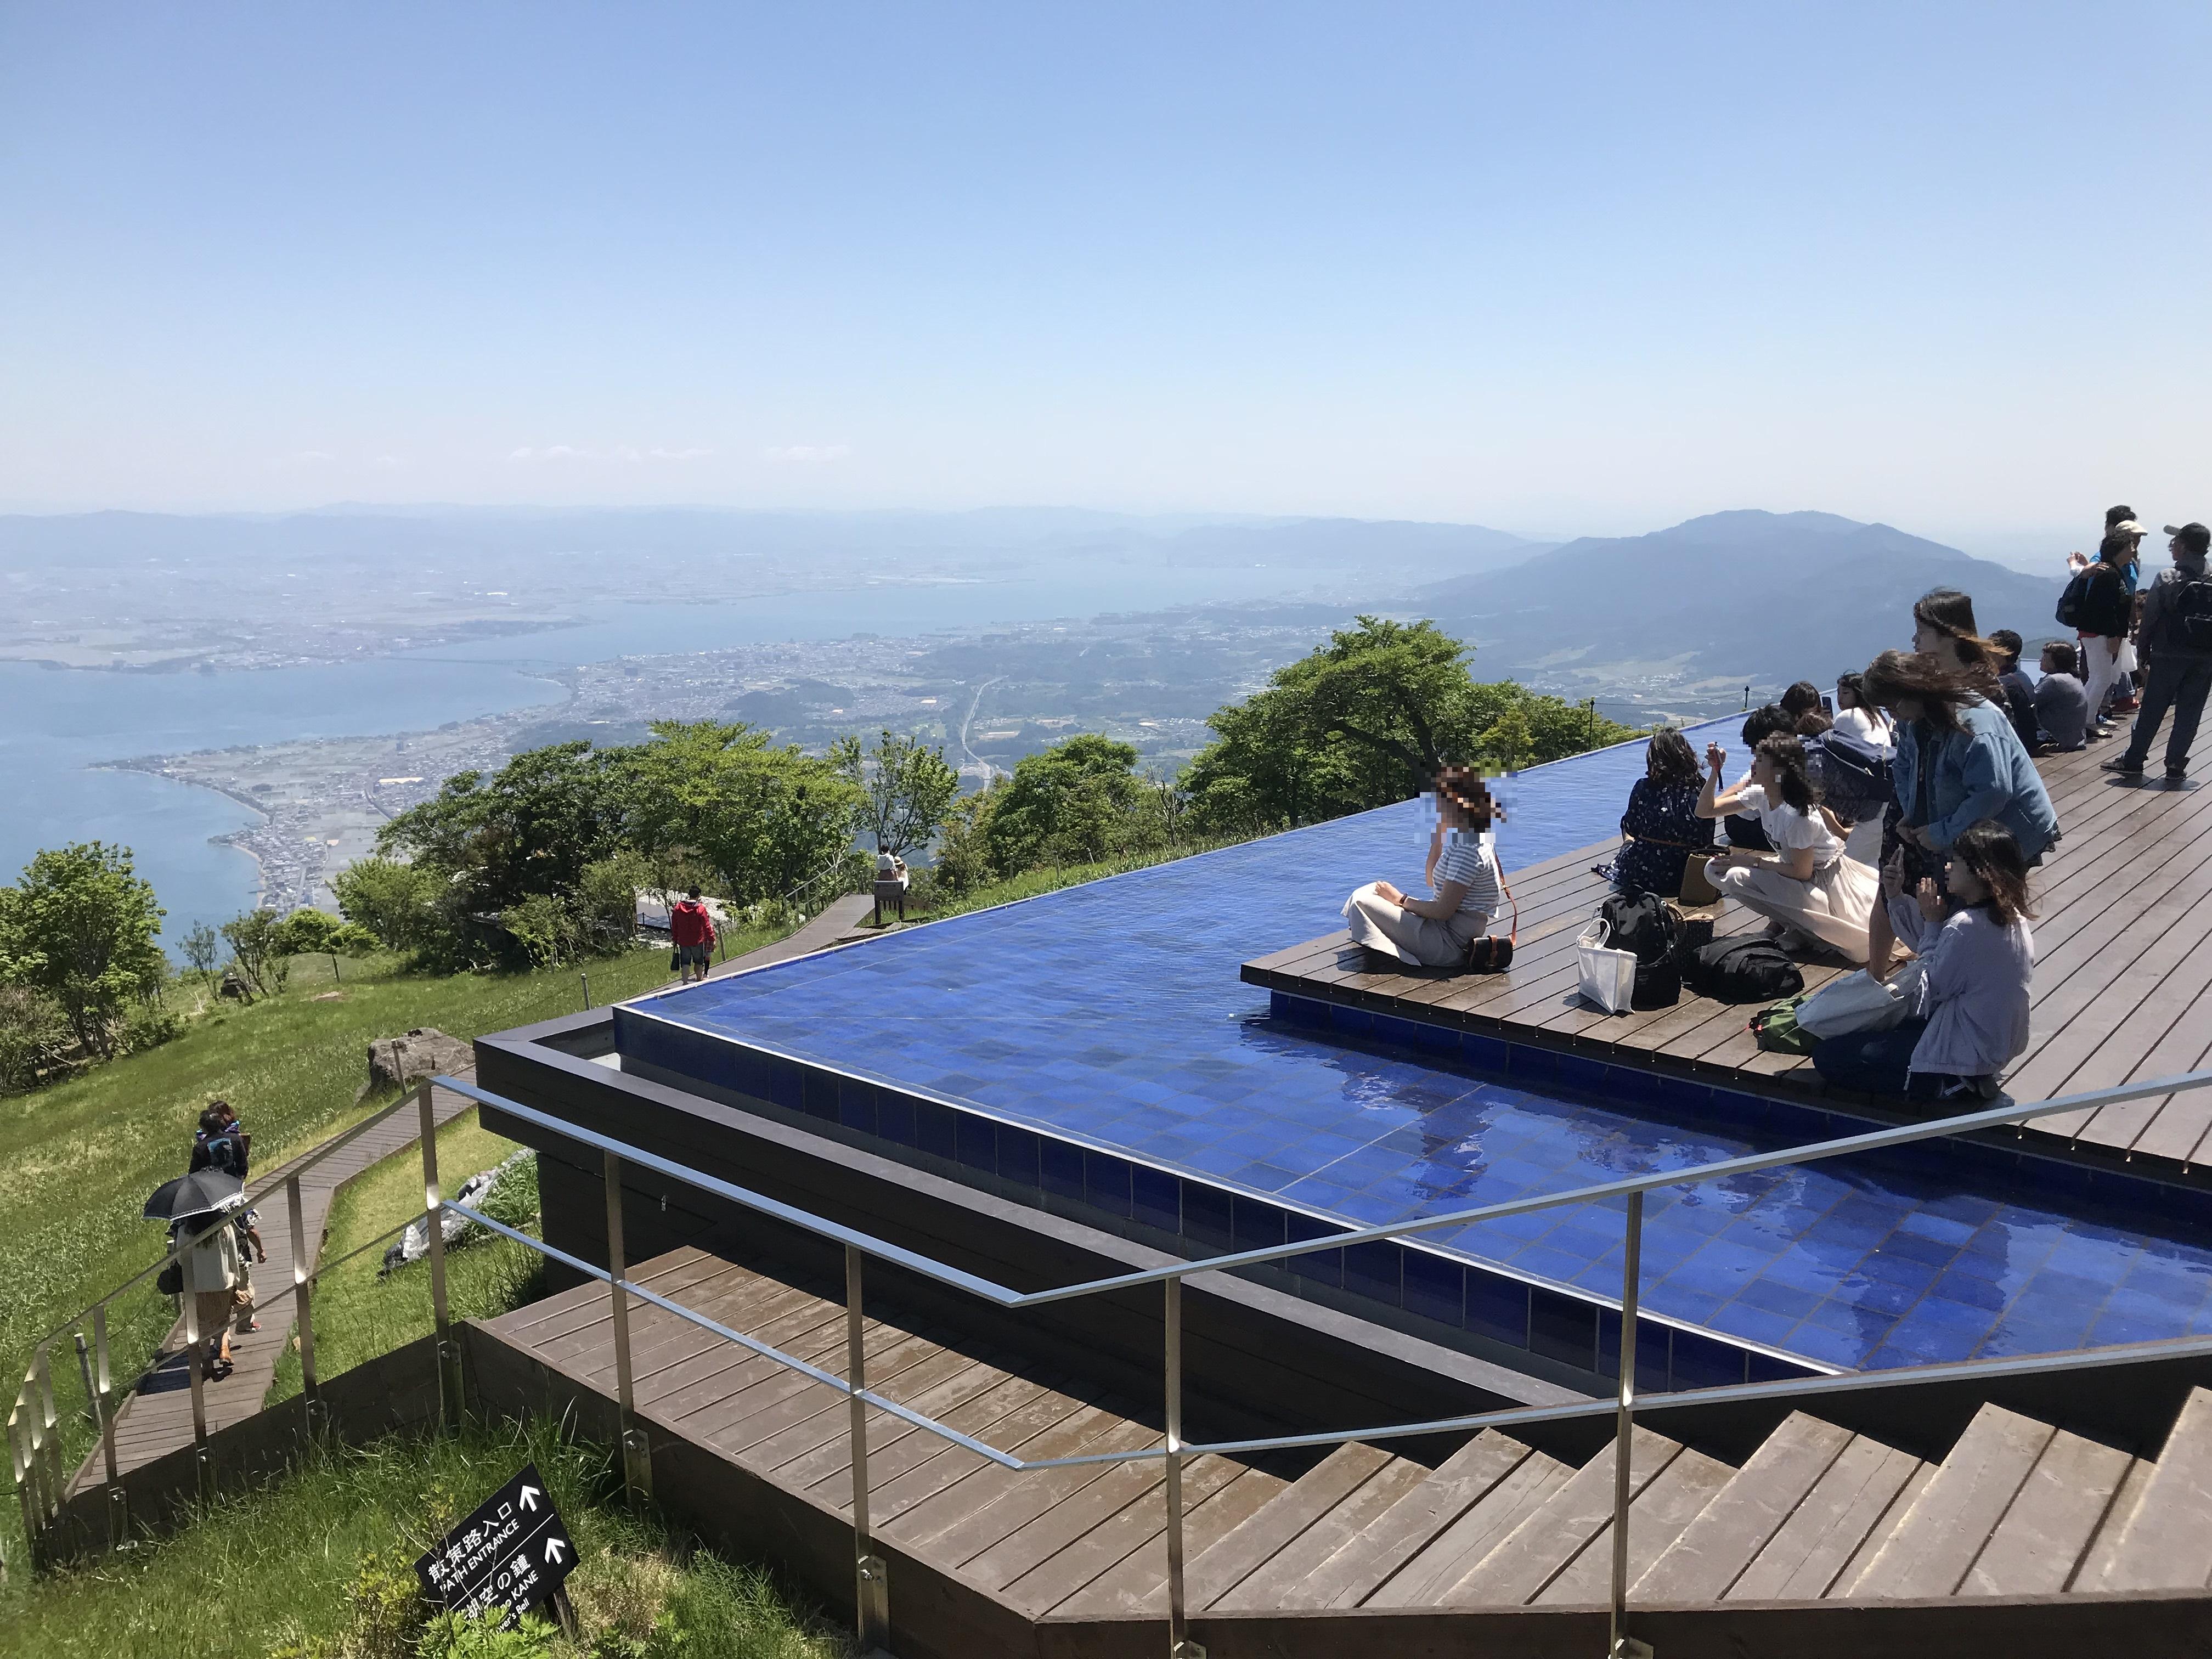 関西・絶景スポット「びわ湖テラス」に行ってきた!